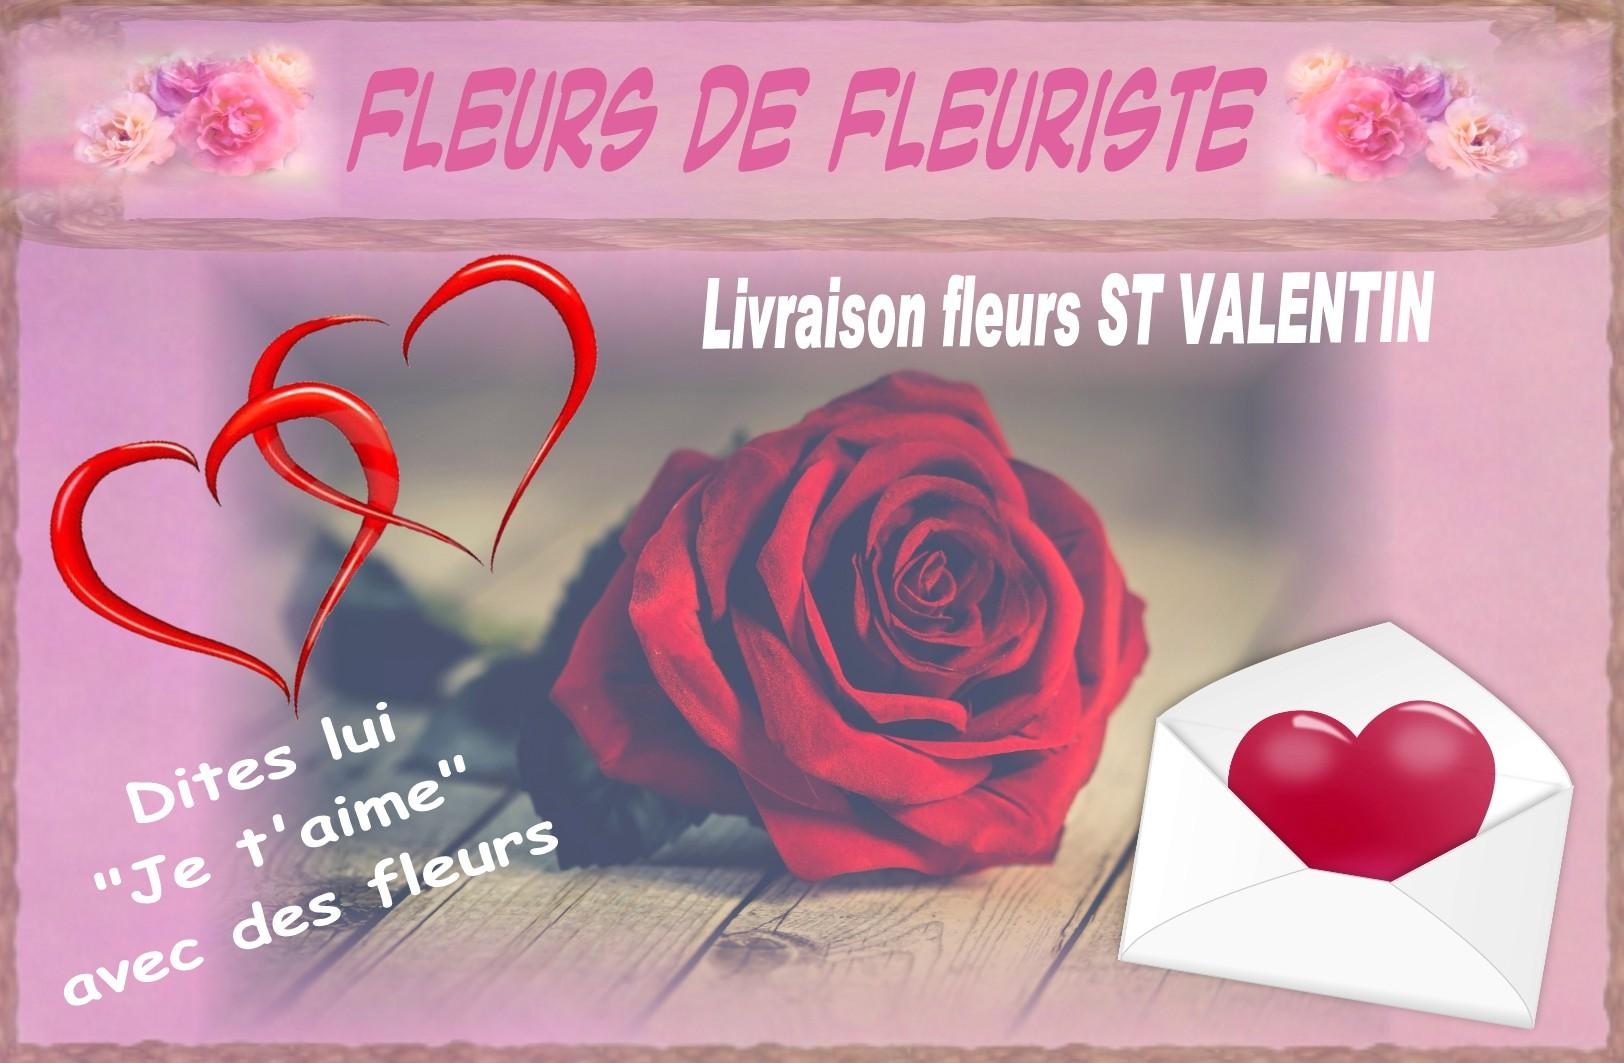 SAINT VALENTIN - LIVRAISON FLEURS POUR LA SAINT VALENTIN